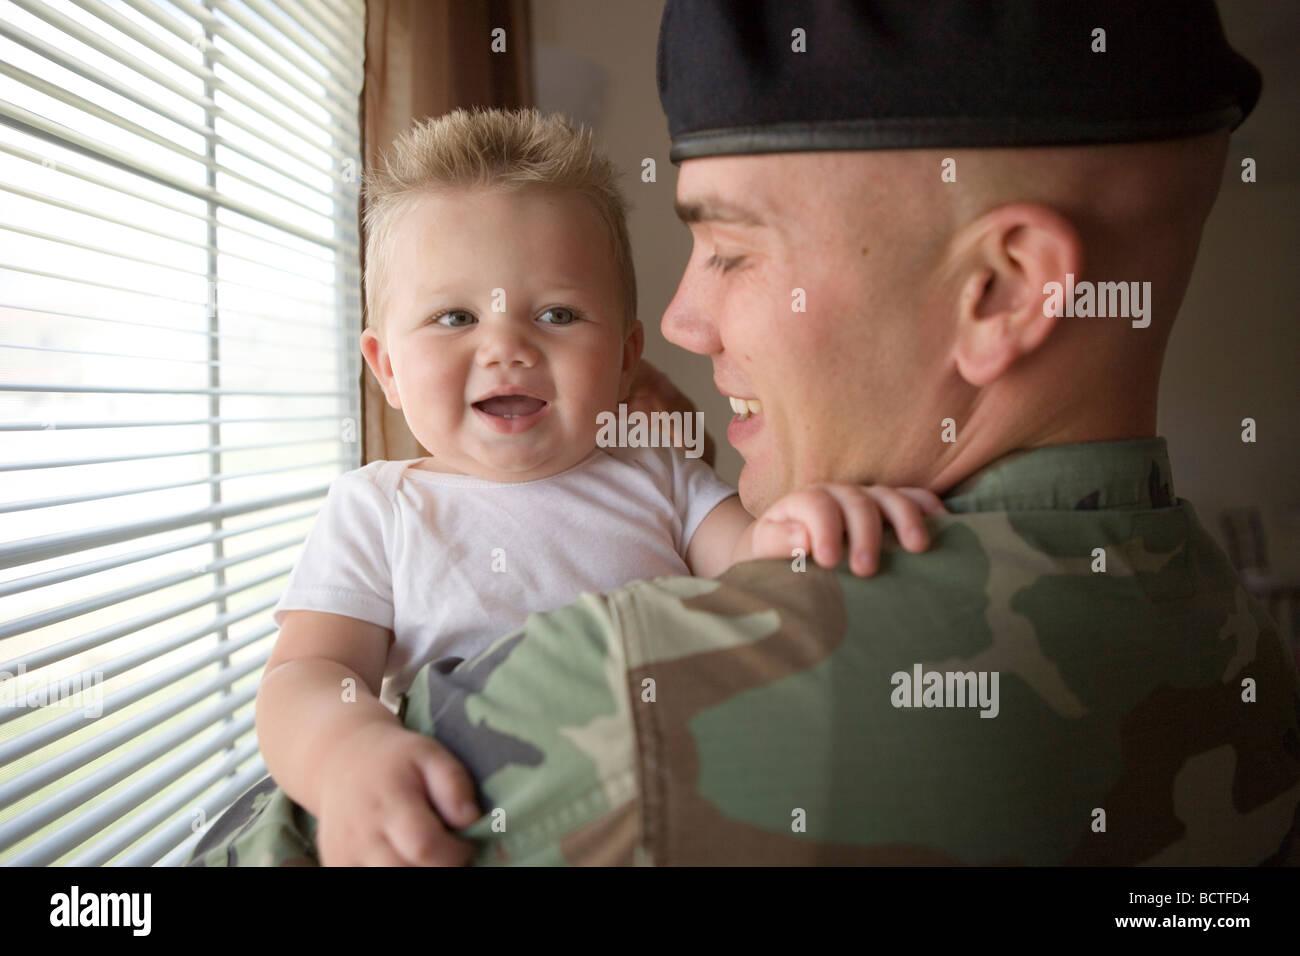 Padre militar estadounidense Coming Home y saludando a su hijo con un abrazo Imagen De Stock